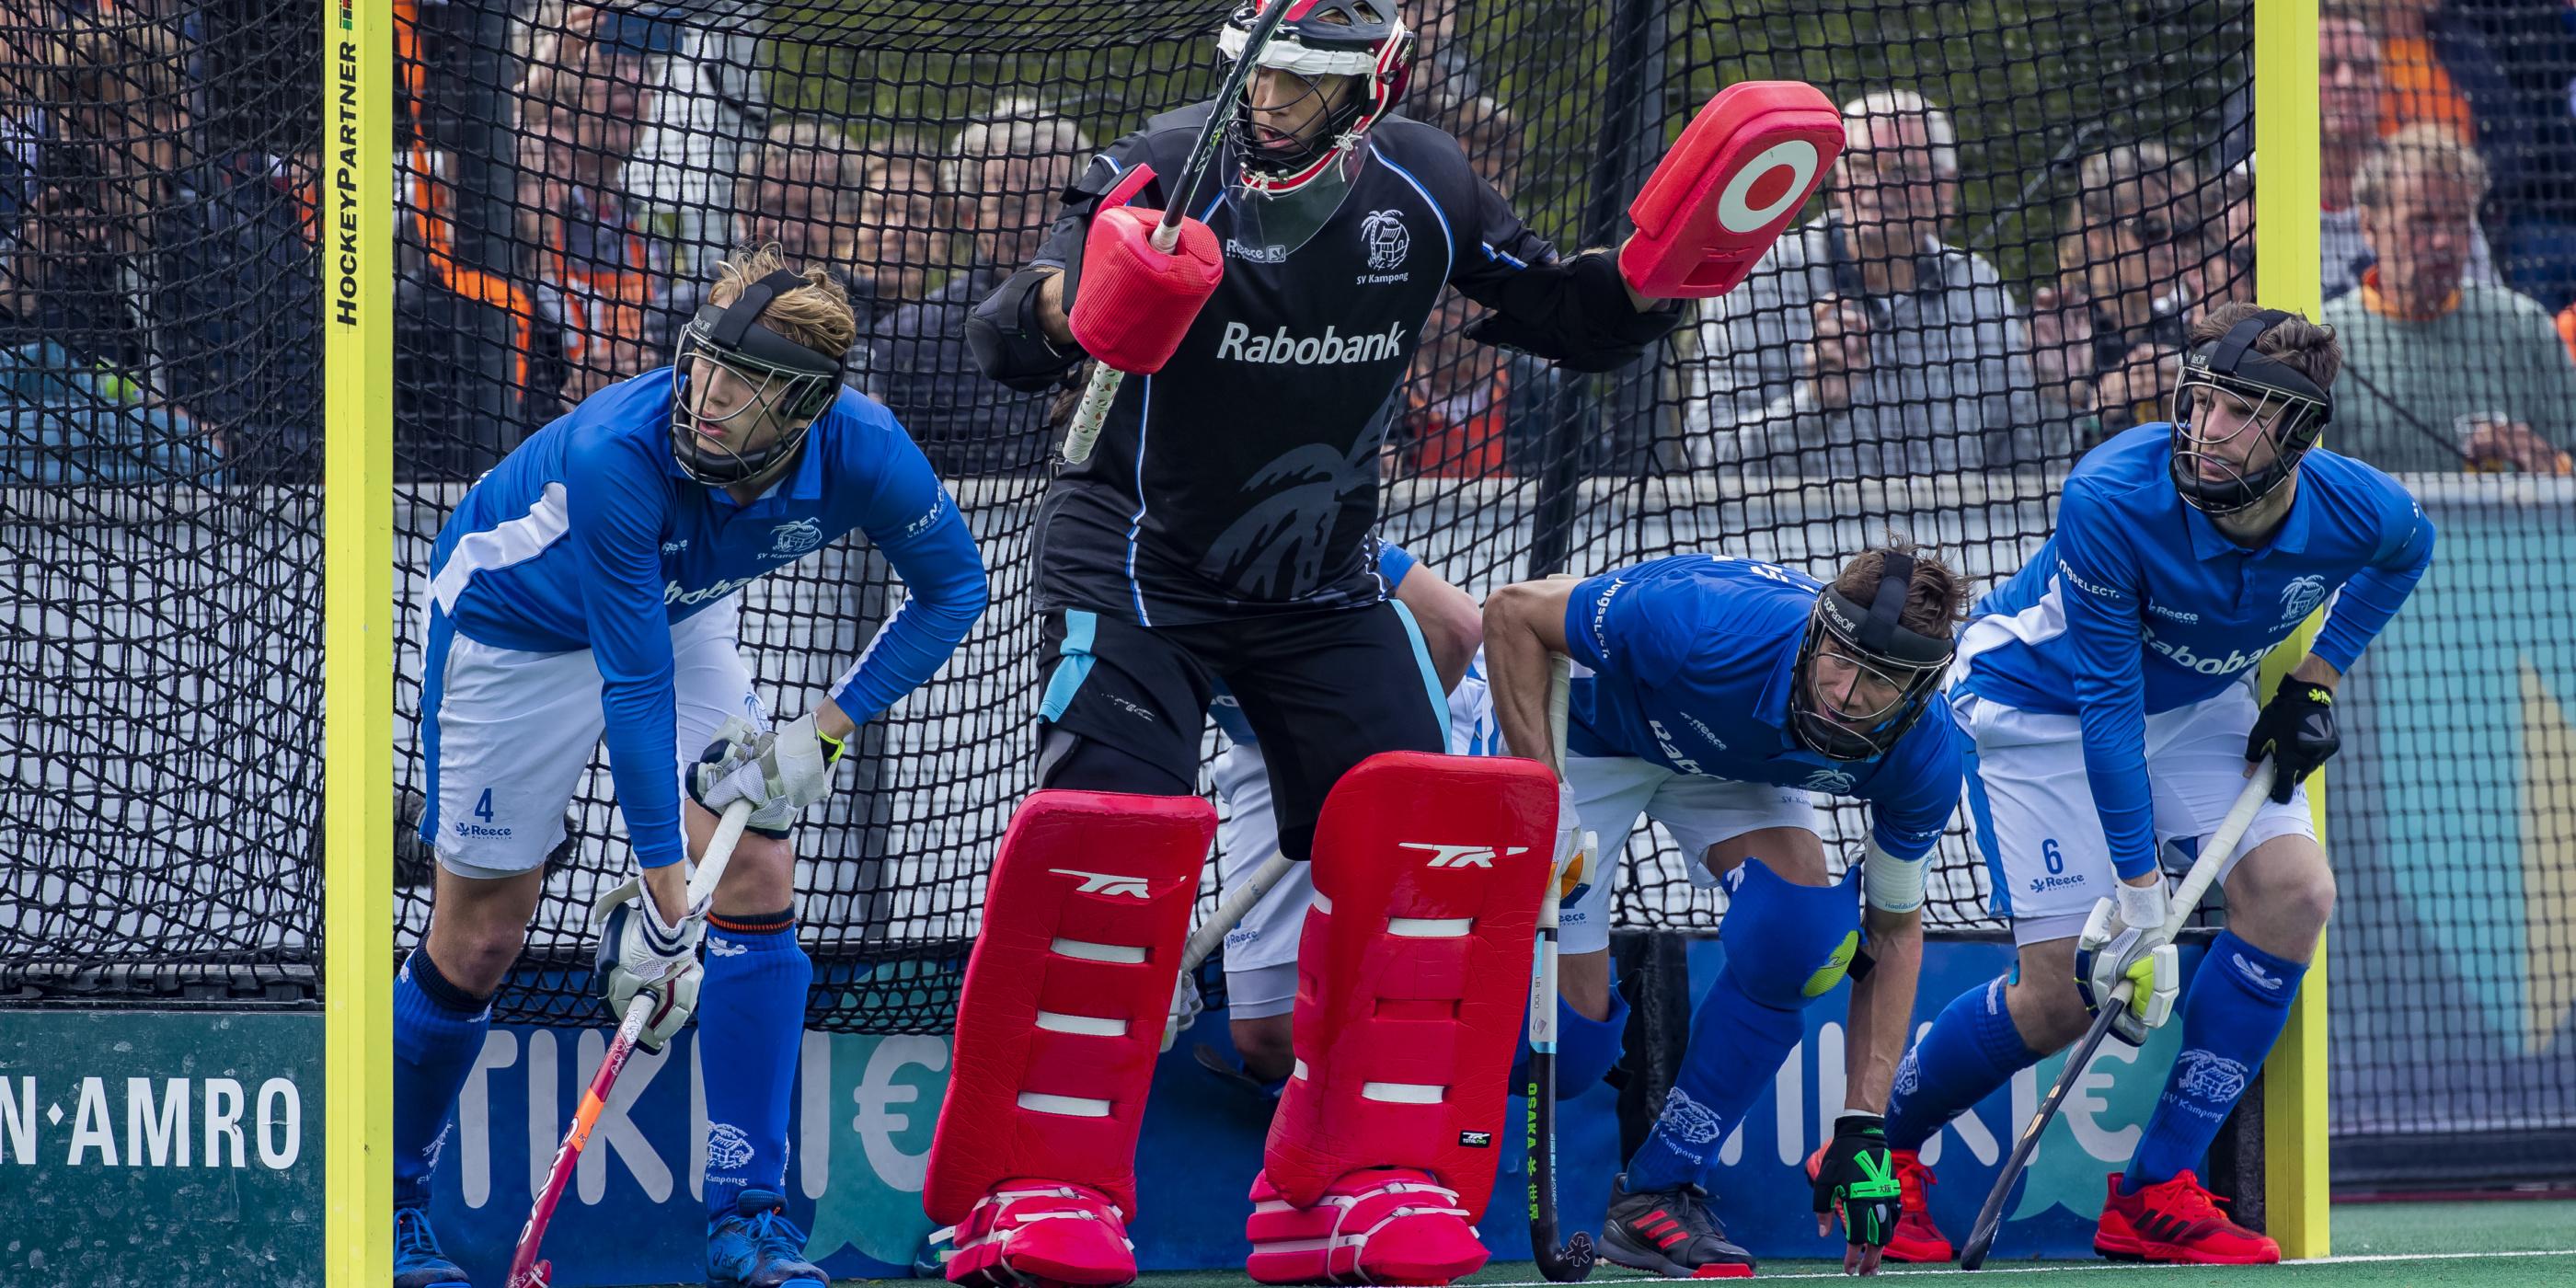 Nieuwe hockeyvisie: Mentale aspecten vanuit perspectief van de keeper en sleper